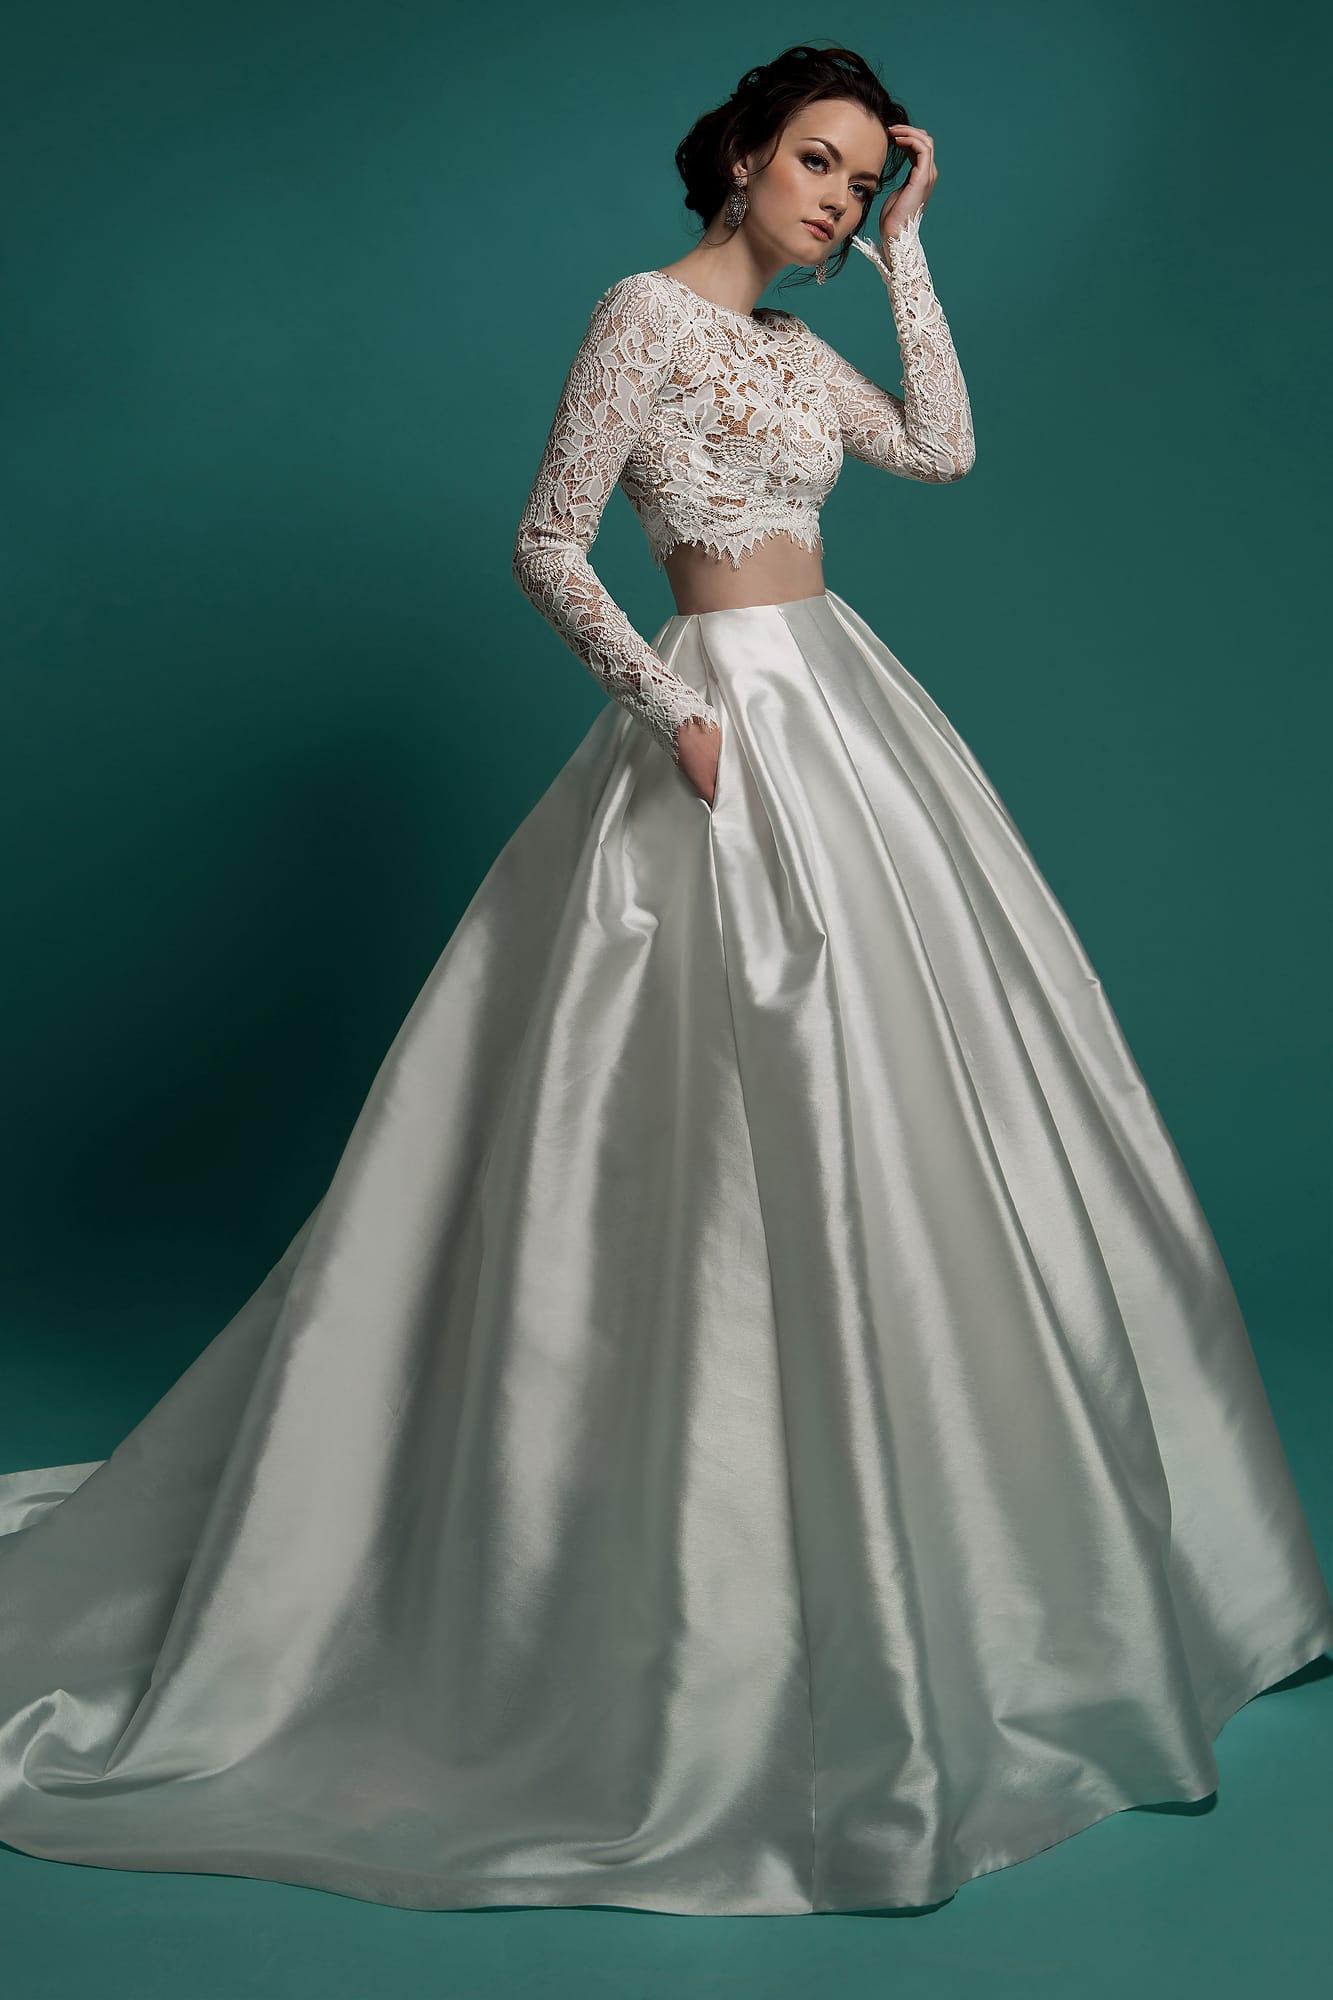 1ca0c653b9e Эксцентричное свадебное платье с укороченным кружевным топом и атласной  юбкой пышного кроя.